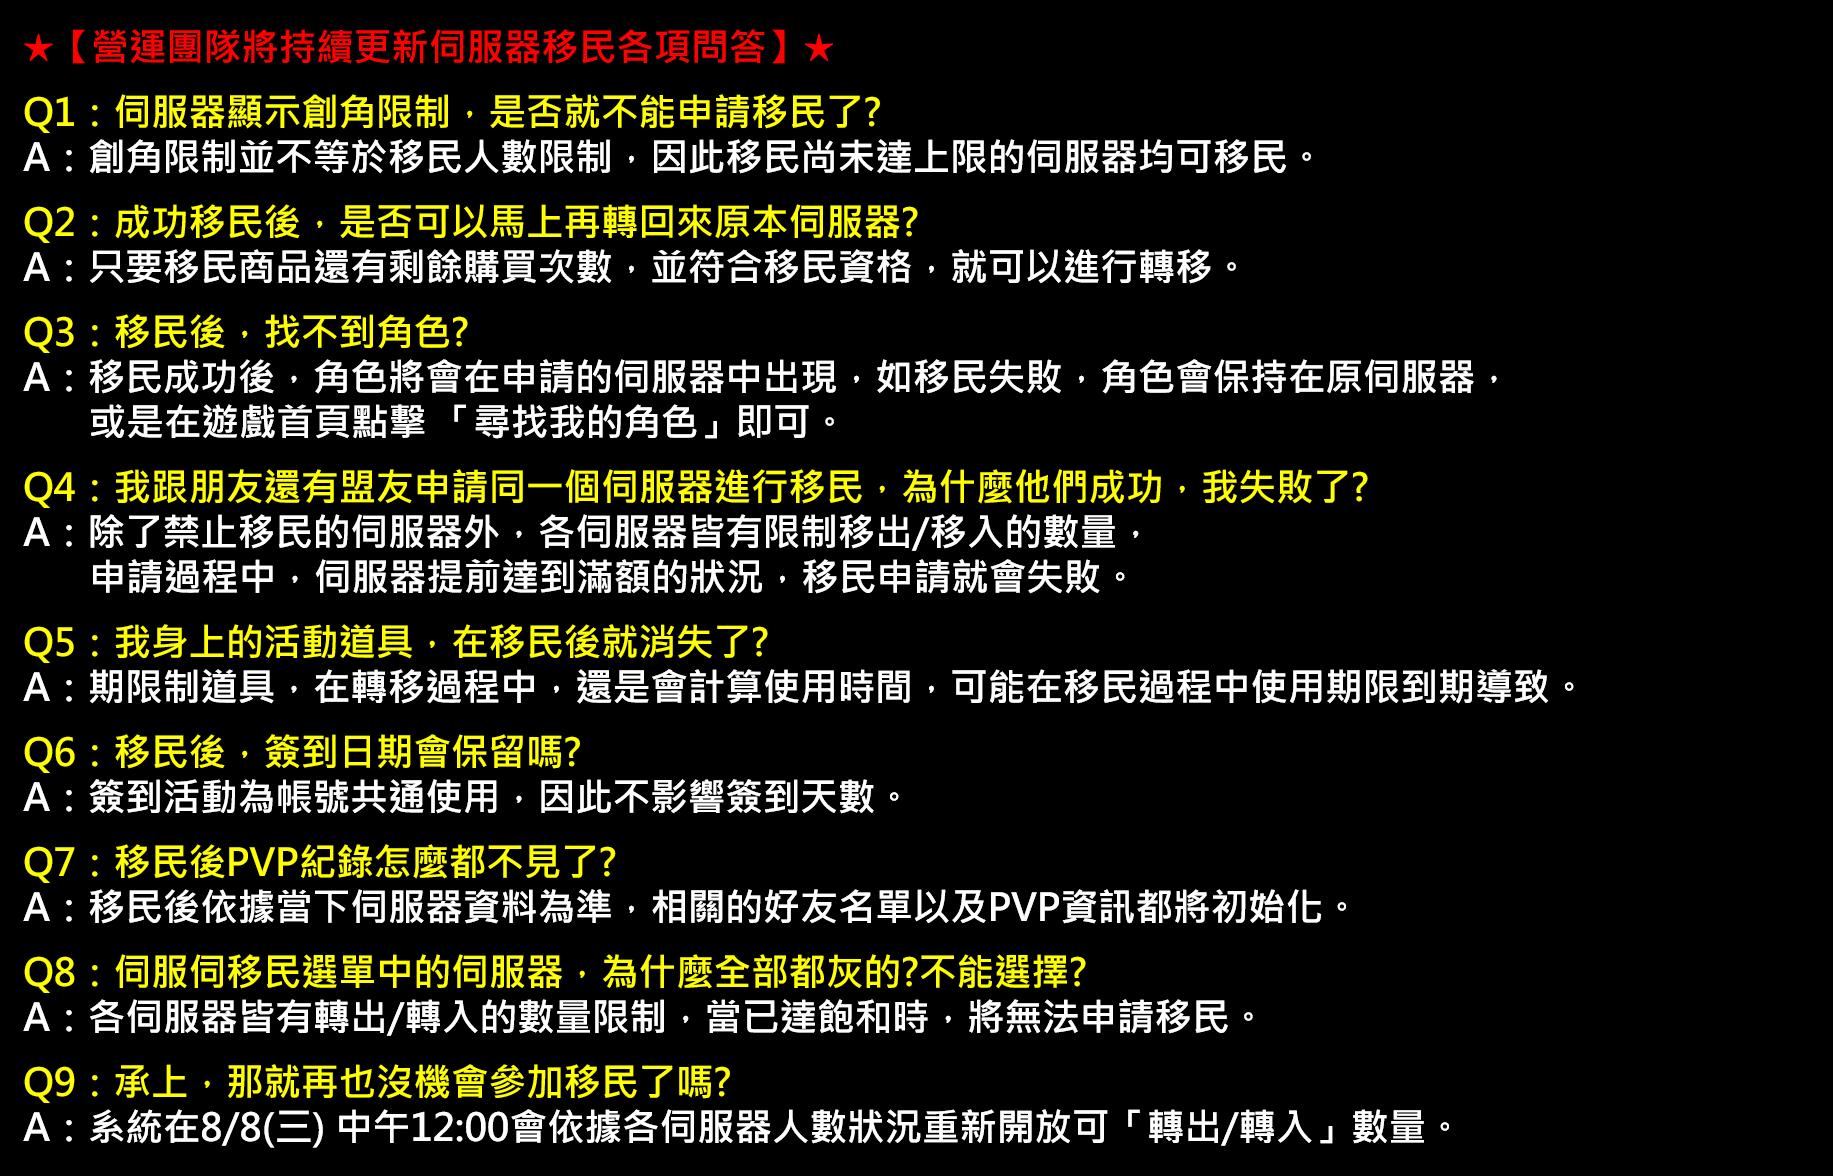 日 版 天堂 m 輔助